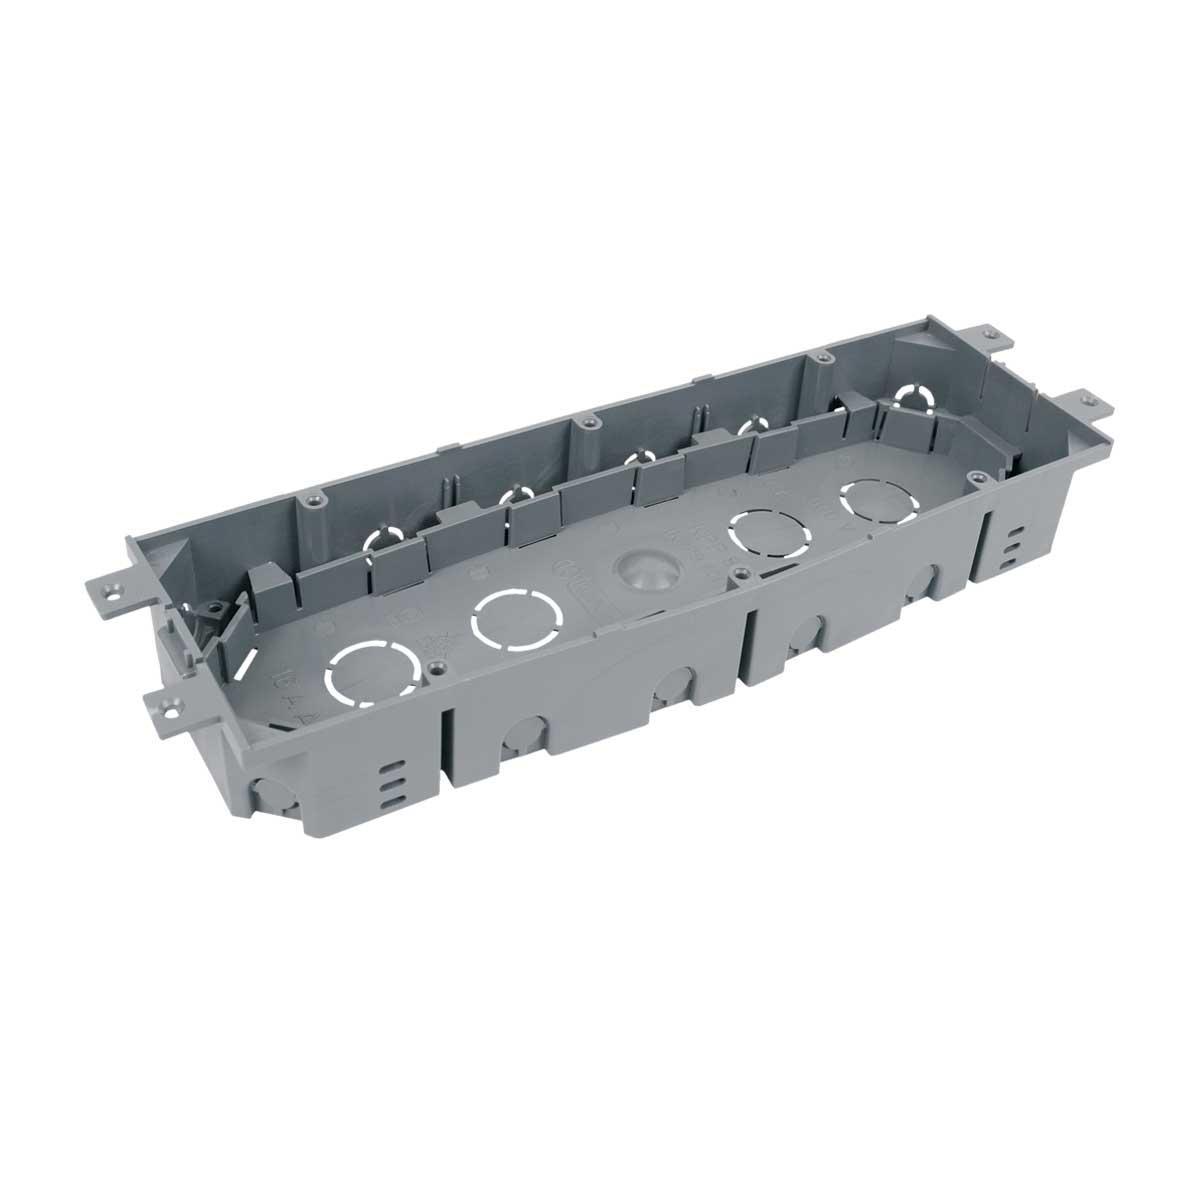 Коробка для приладів KOPOBOX; для підлоги;